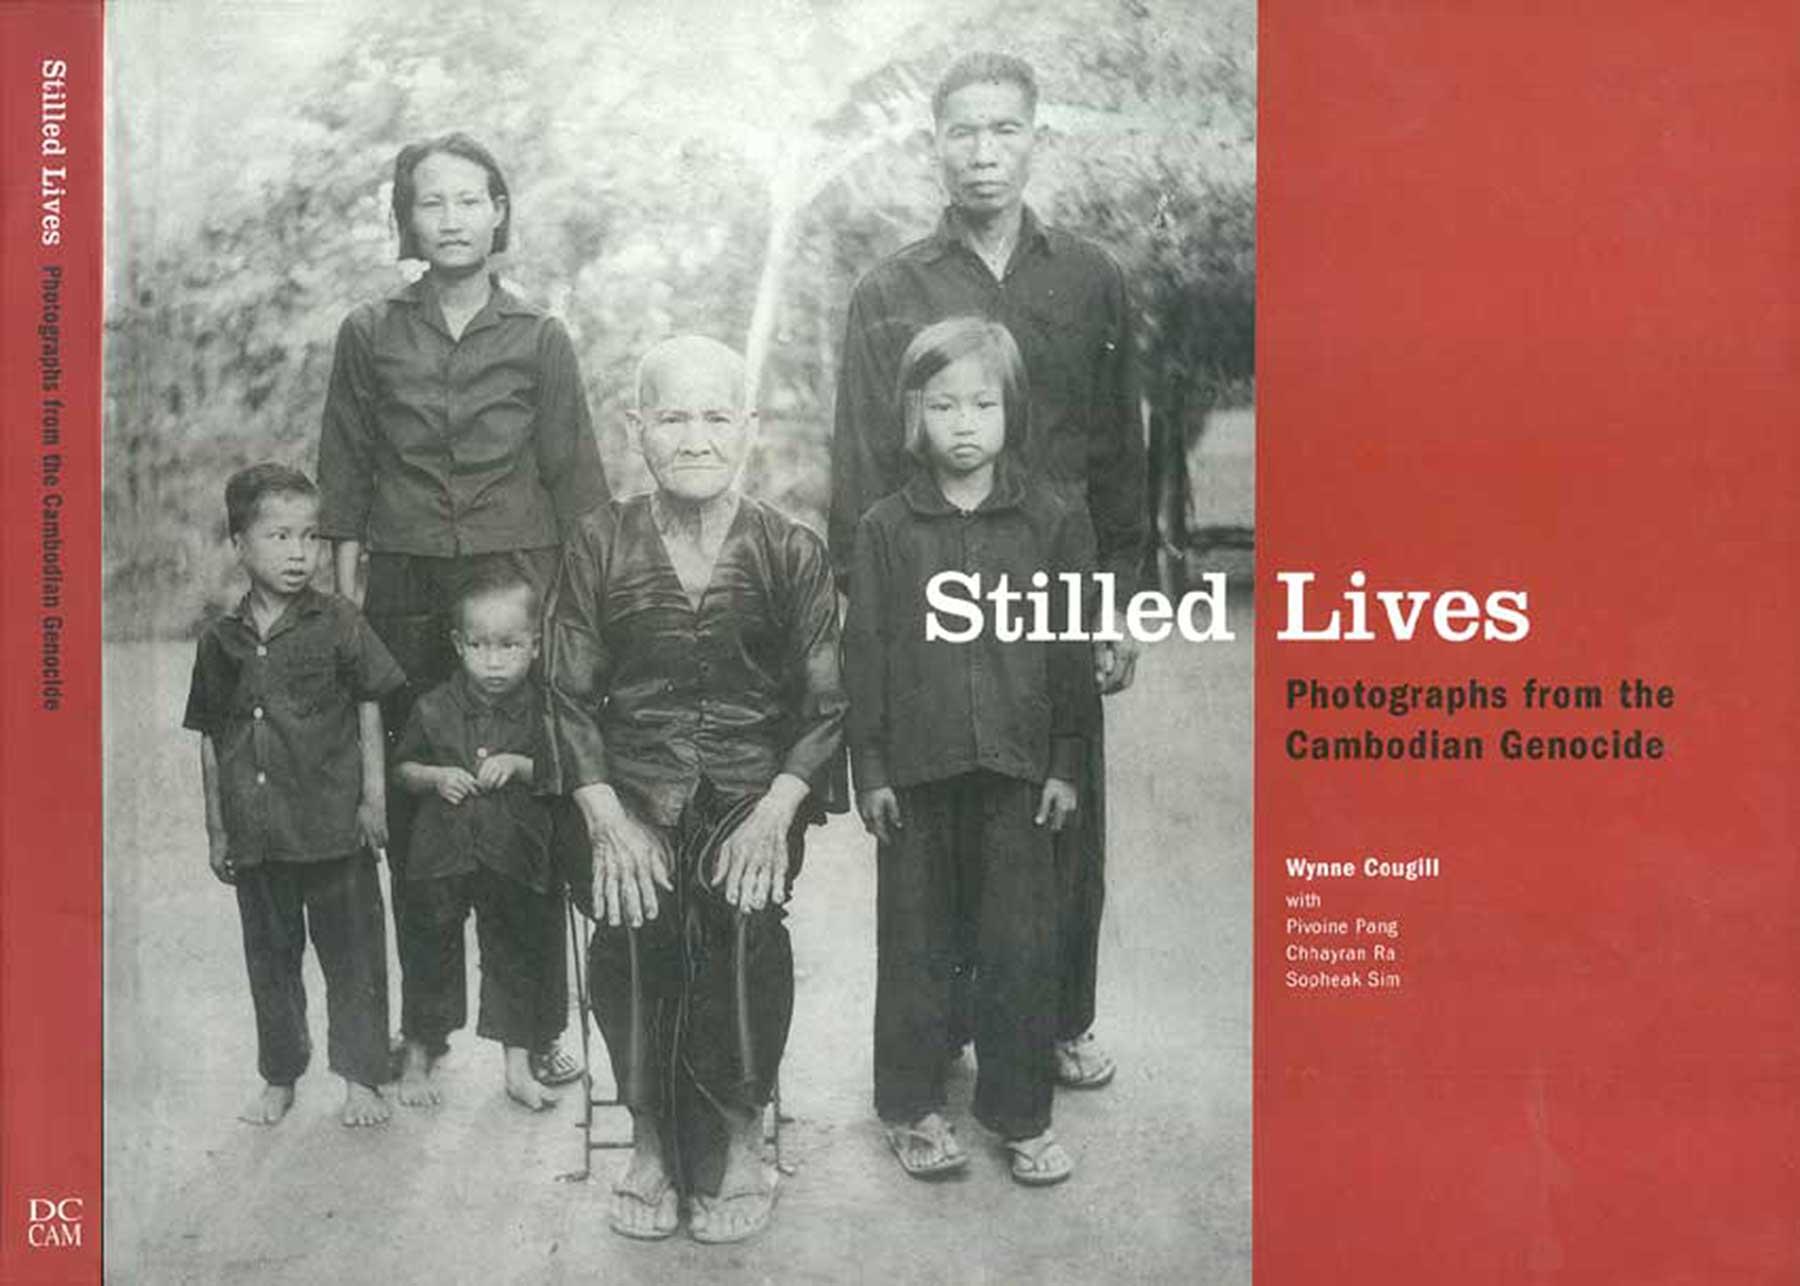 STILLED LIVES (2008)